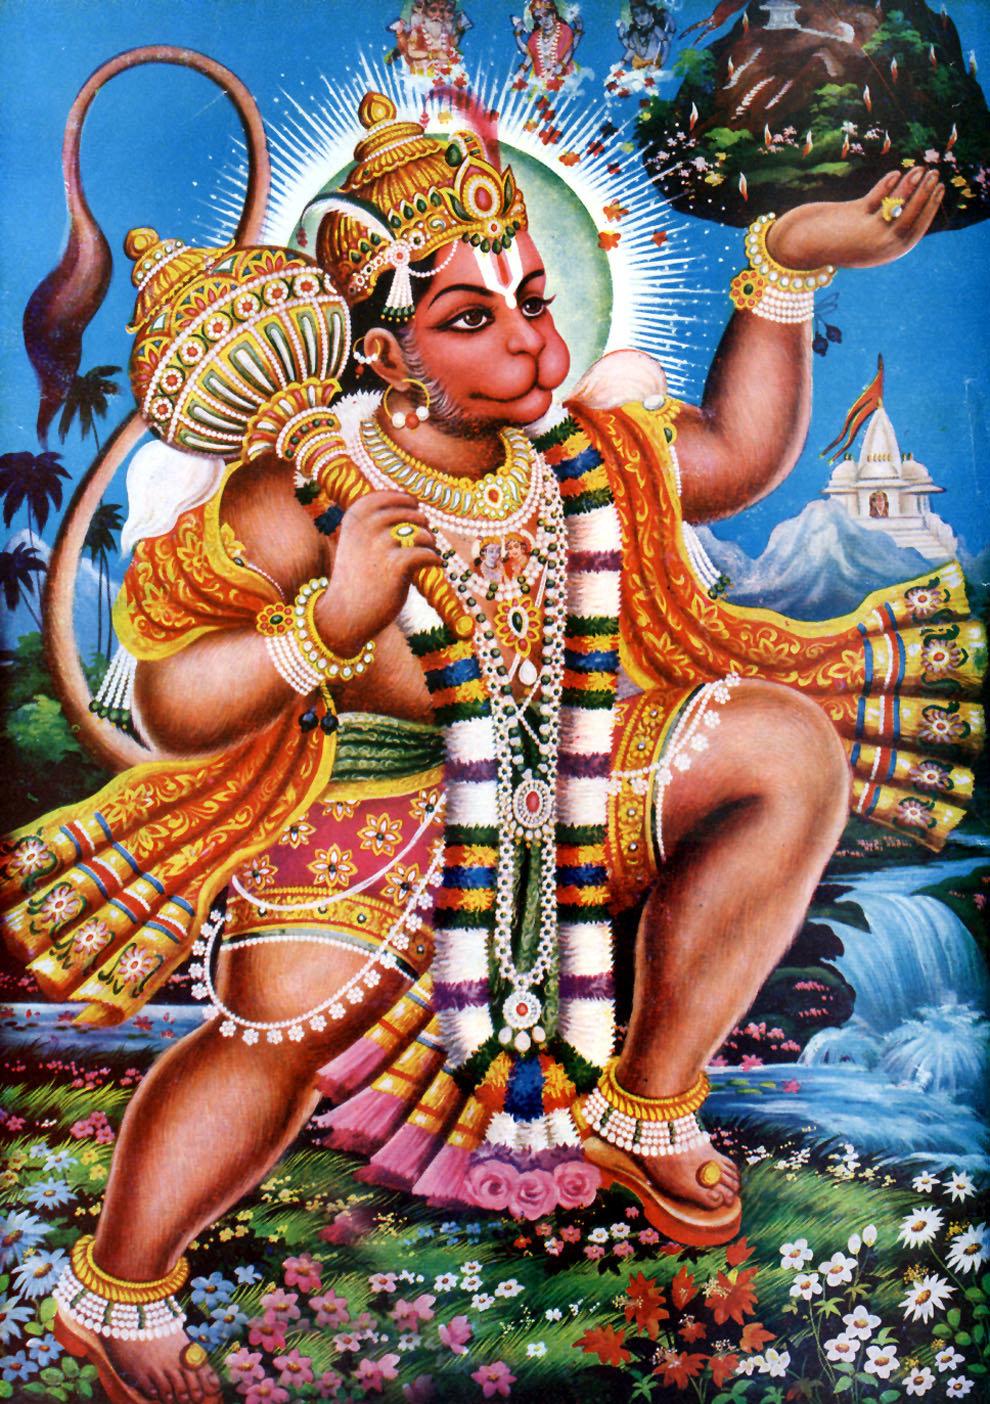 фотографии боги индии в картинках с названиями маникюр тот, который